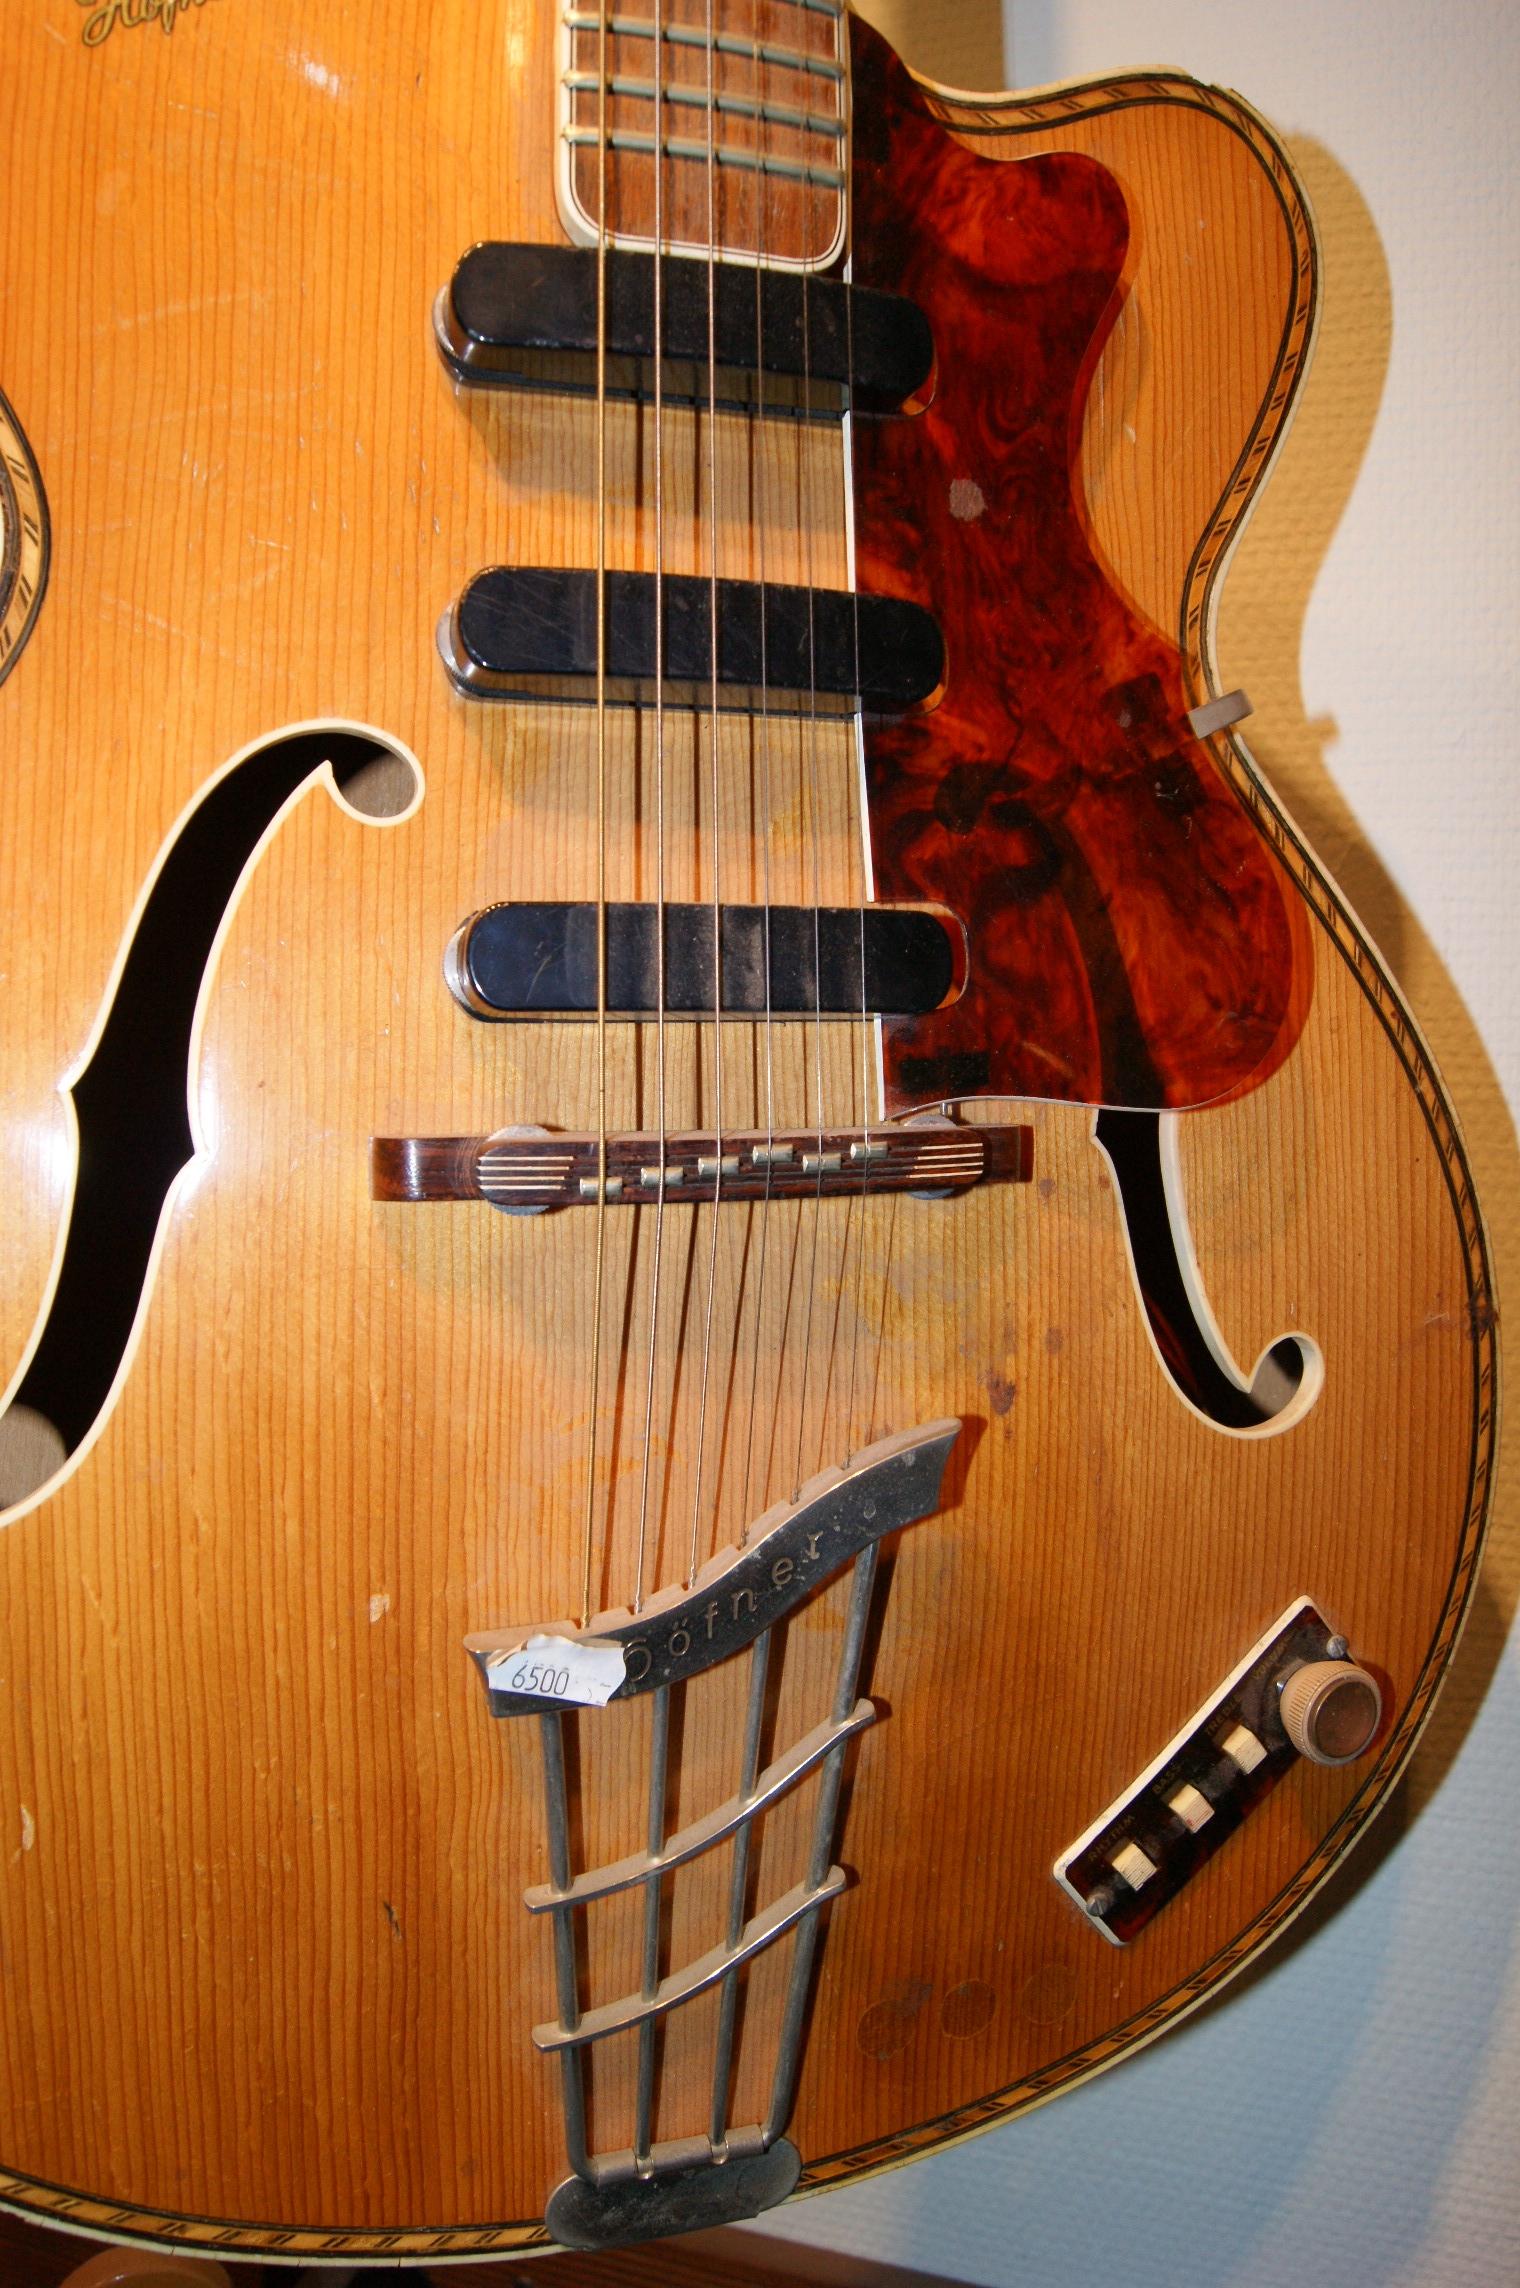 hoffner archtop electric 1940 39 s natural guitar for sale instrumentshoppen. Black Bedroom Furniture Sets. Home Design Ideas